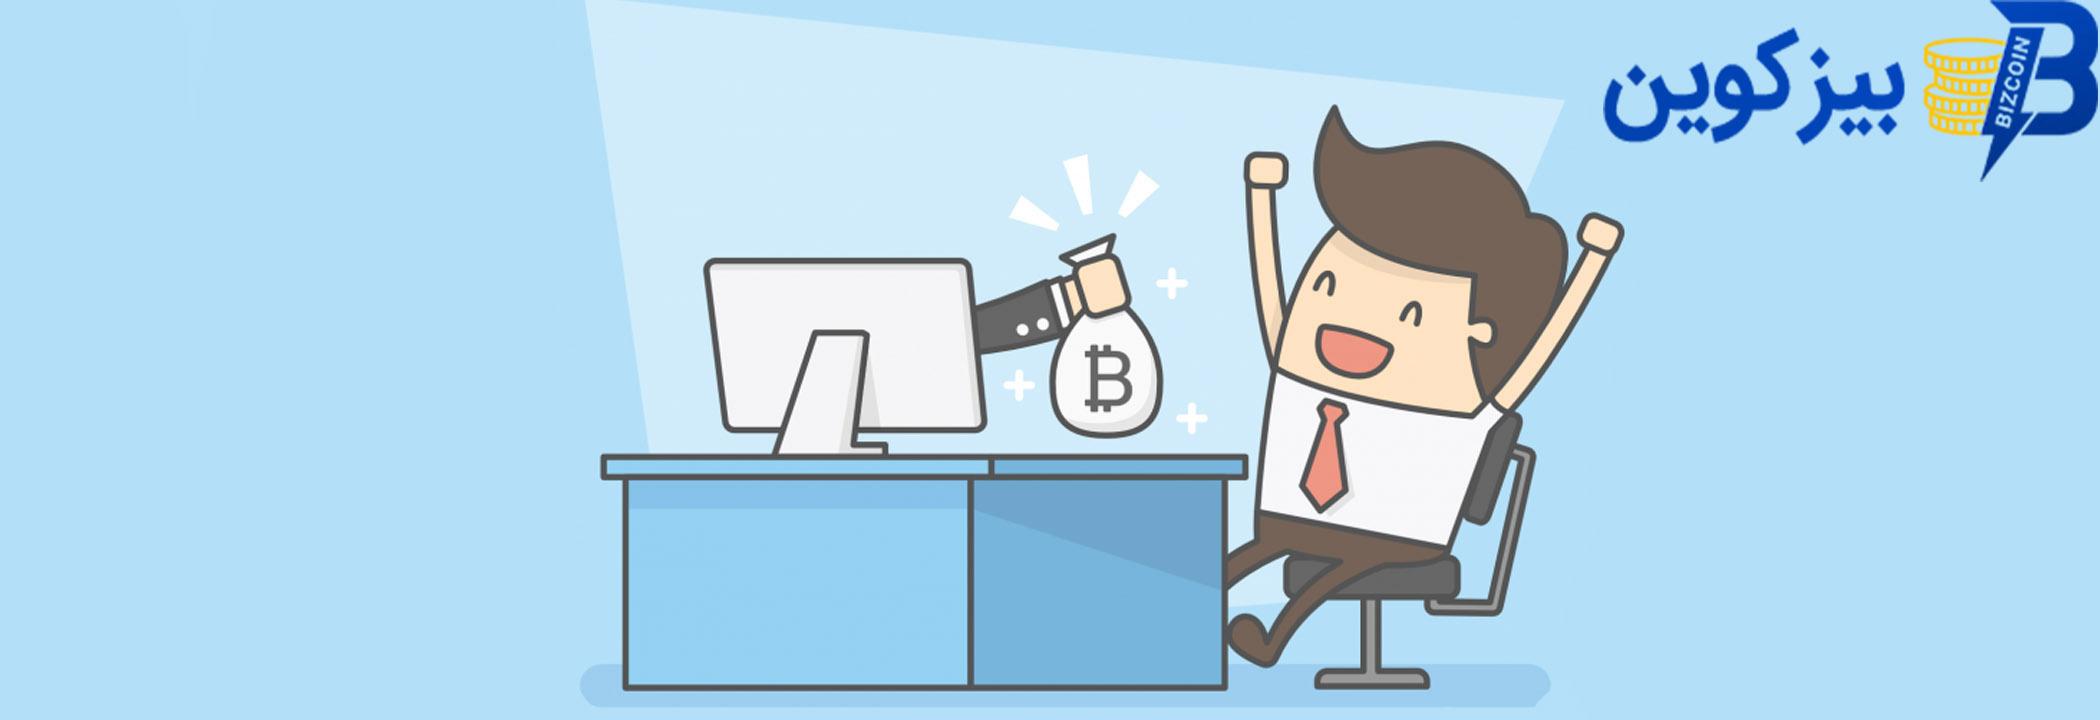 Cryptocurrency 1 روش های کسب درآمد از طریق ارزهای دیجیتال در زمان قرنطینه!